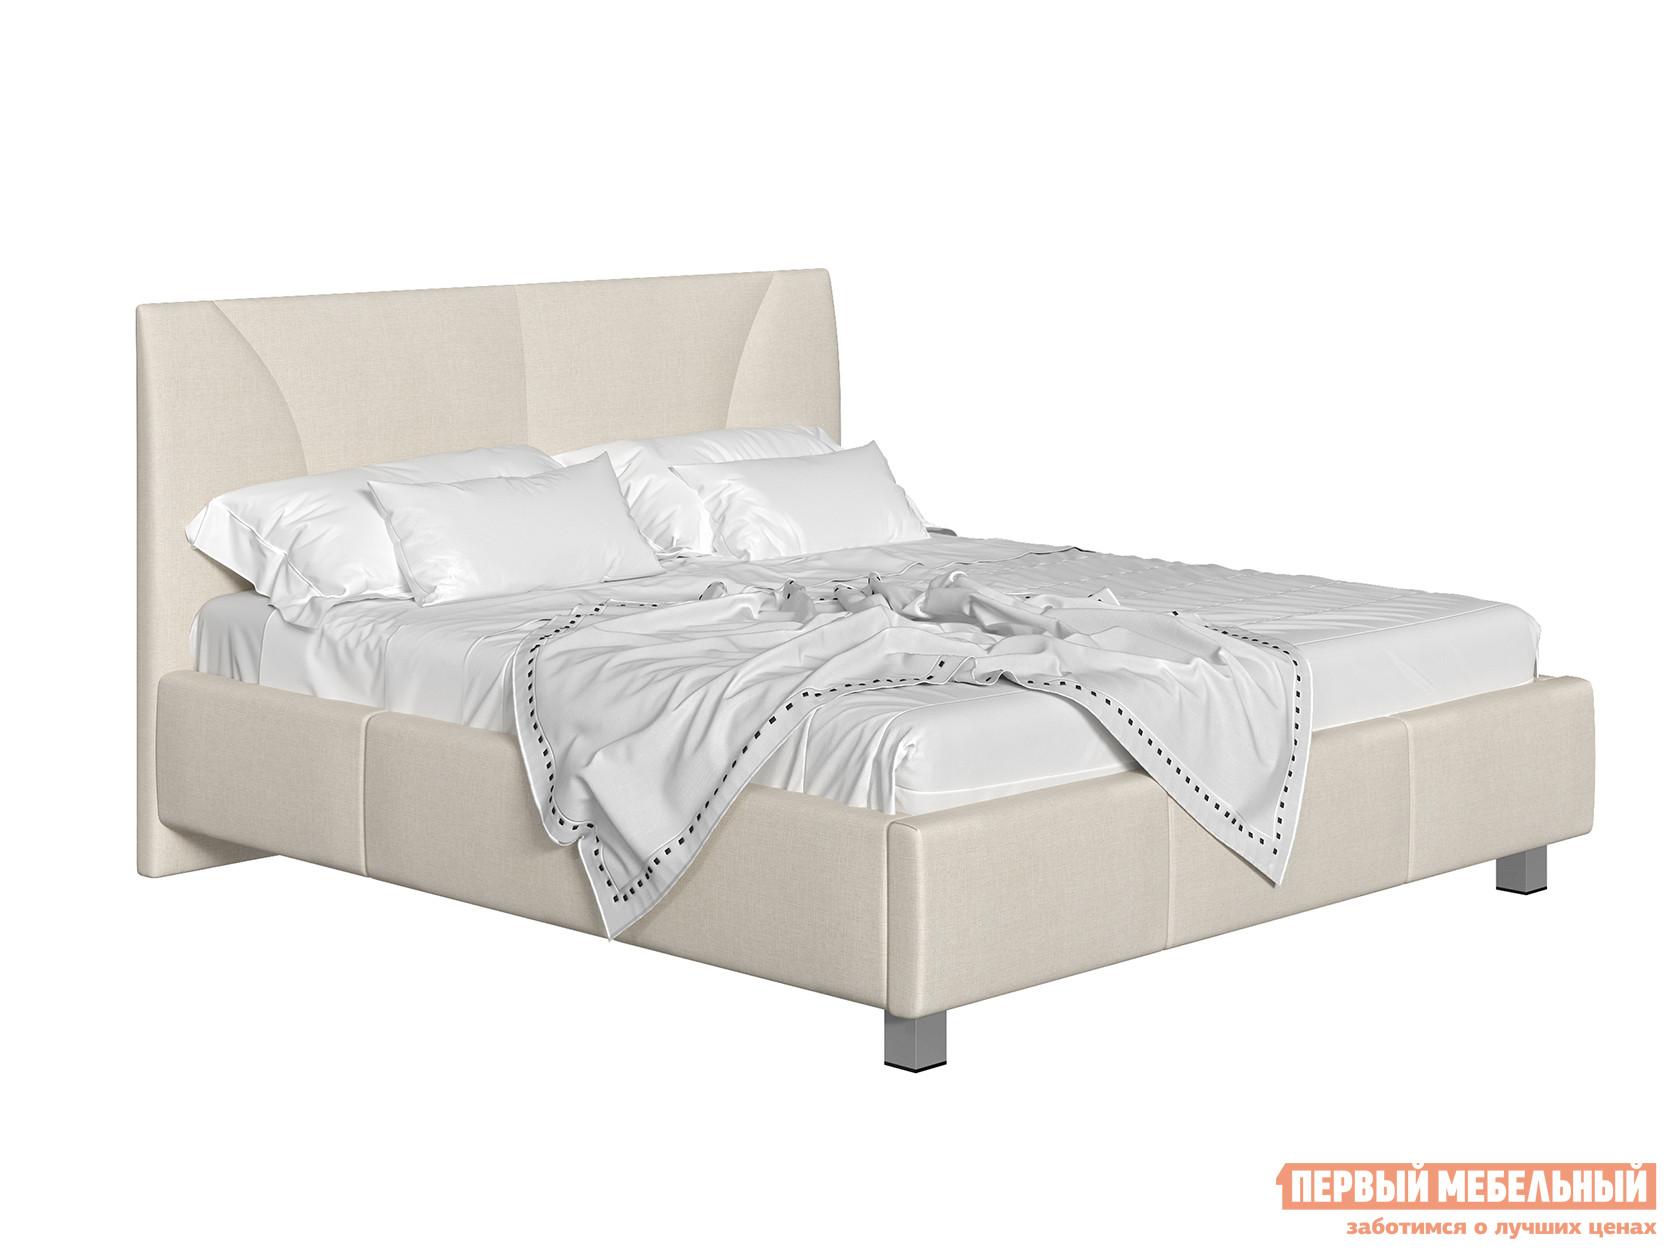 Двуспальная кровать  Кровать с подъемным механизмом Севилья Бежевый, рогожка, 180х200 см — Кровать с подъемным механизмом Севилья Бежевый, рогожка, 180х200 см